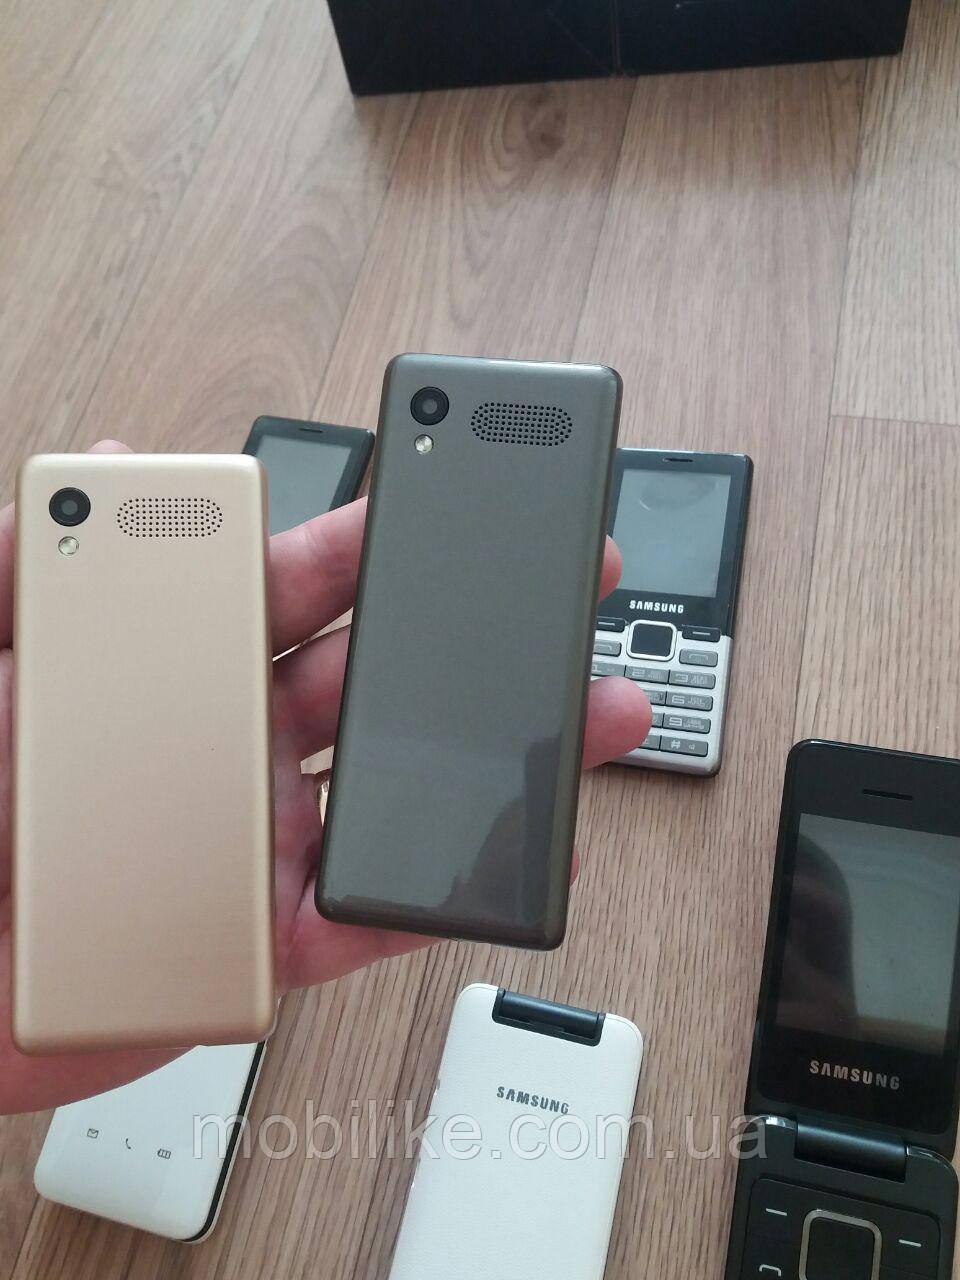 57b8b36ff5de5 Кнопочный телефон Samsung D3 2 Sim, цена 1 250 грн., купить в Днепре ...